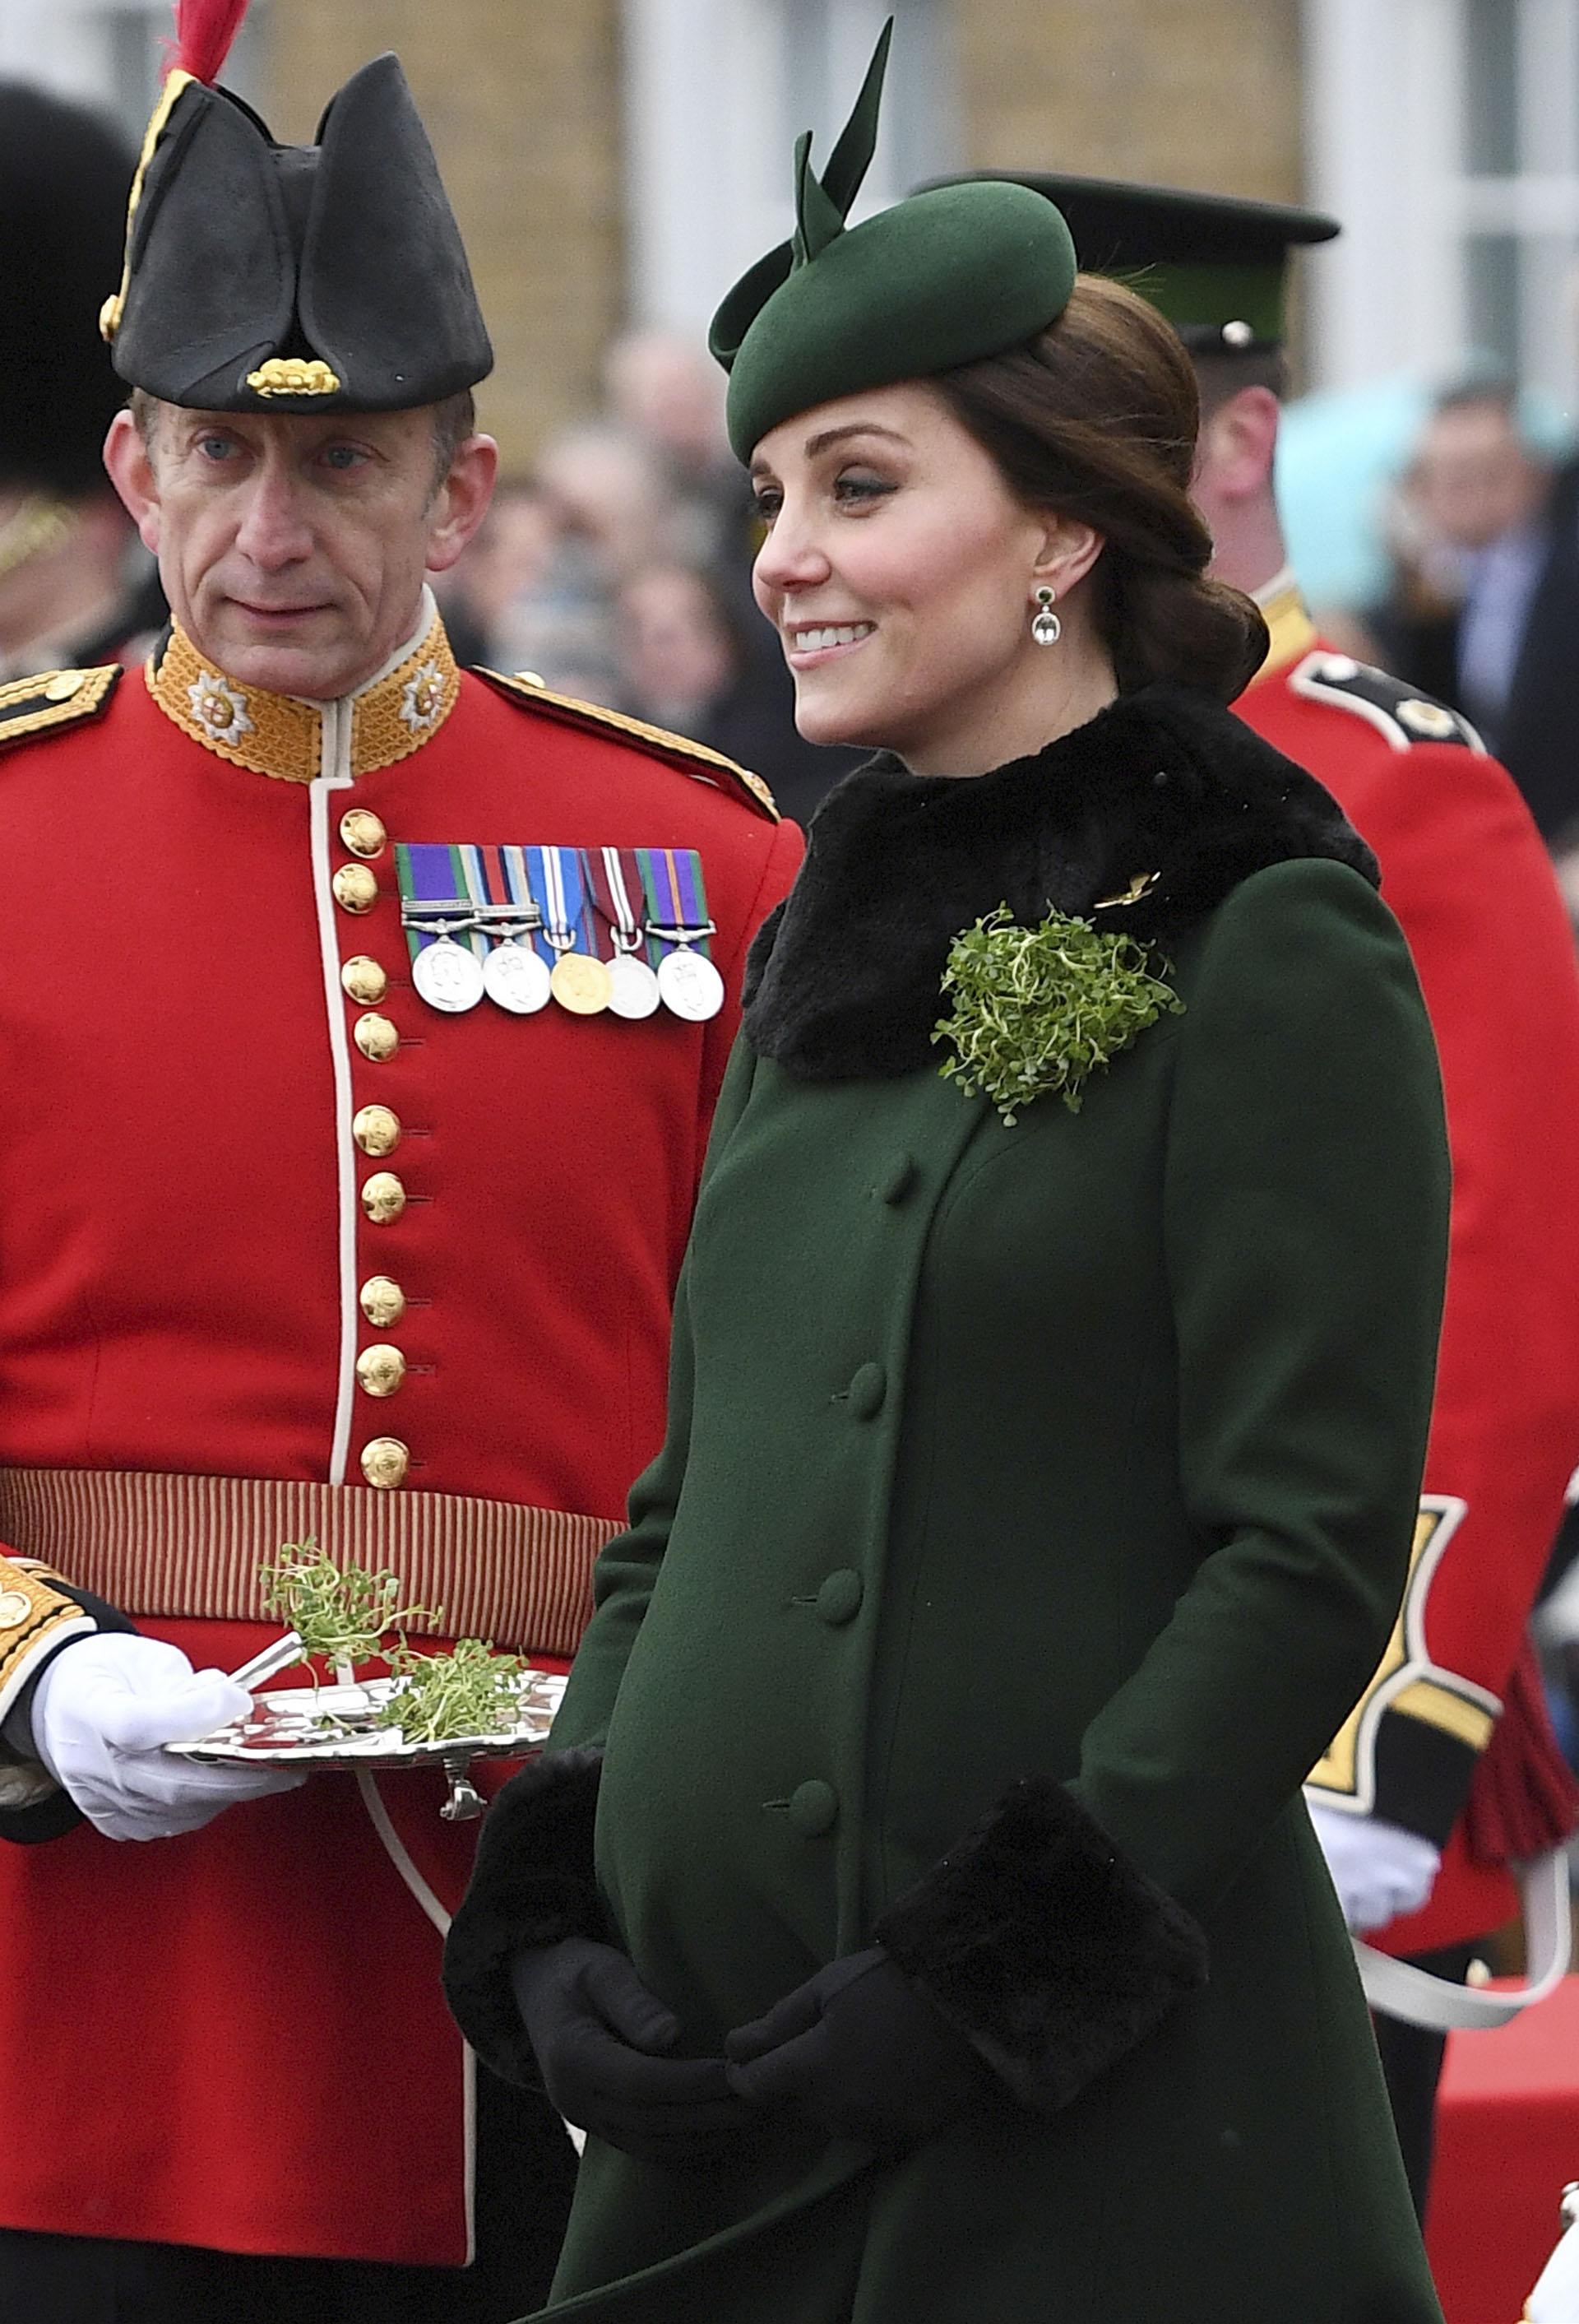 Siguiendo la línea festiva, la duquesa de Cambrigde, se inclinó por el color verde botella, tonalidad de la celebración. Un outfit que lució en su reciente gira por Suecia